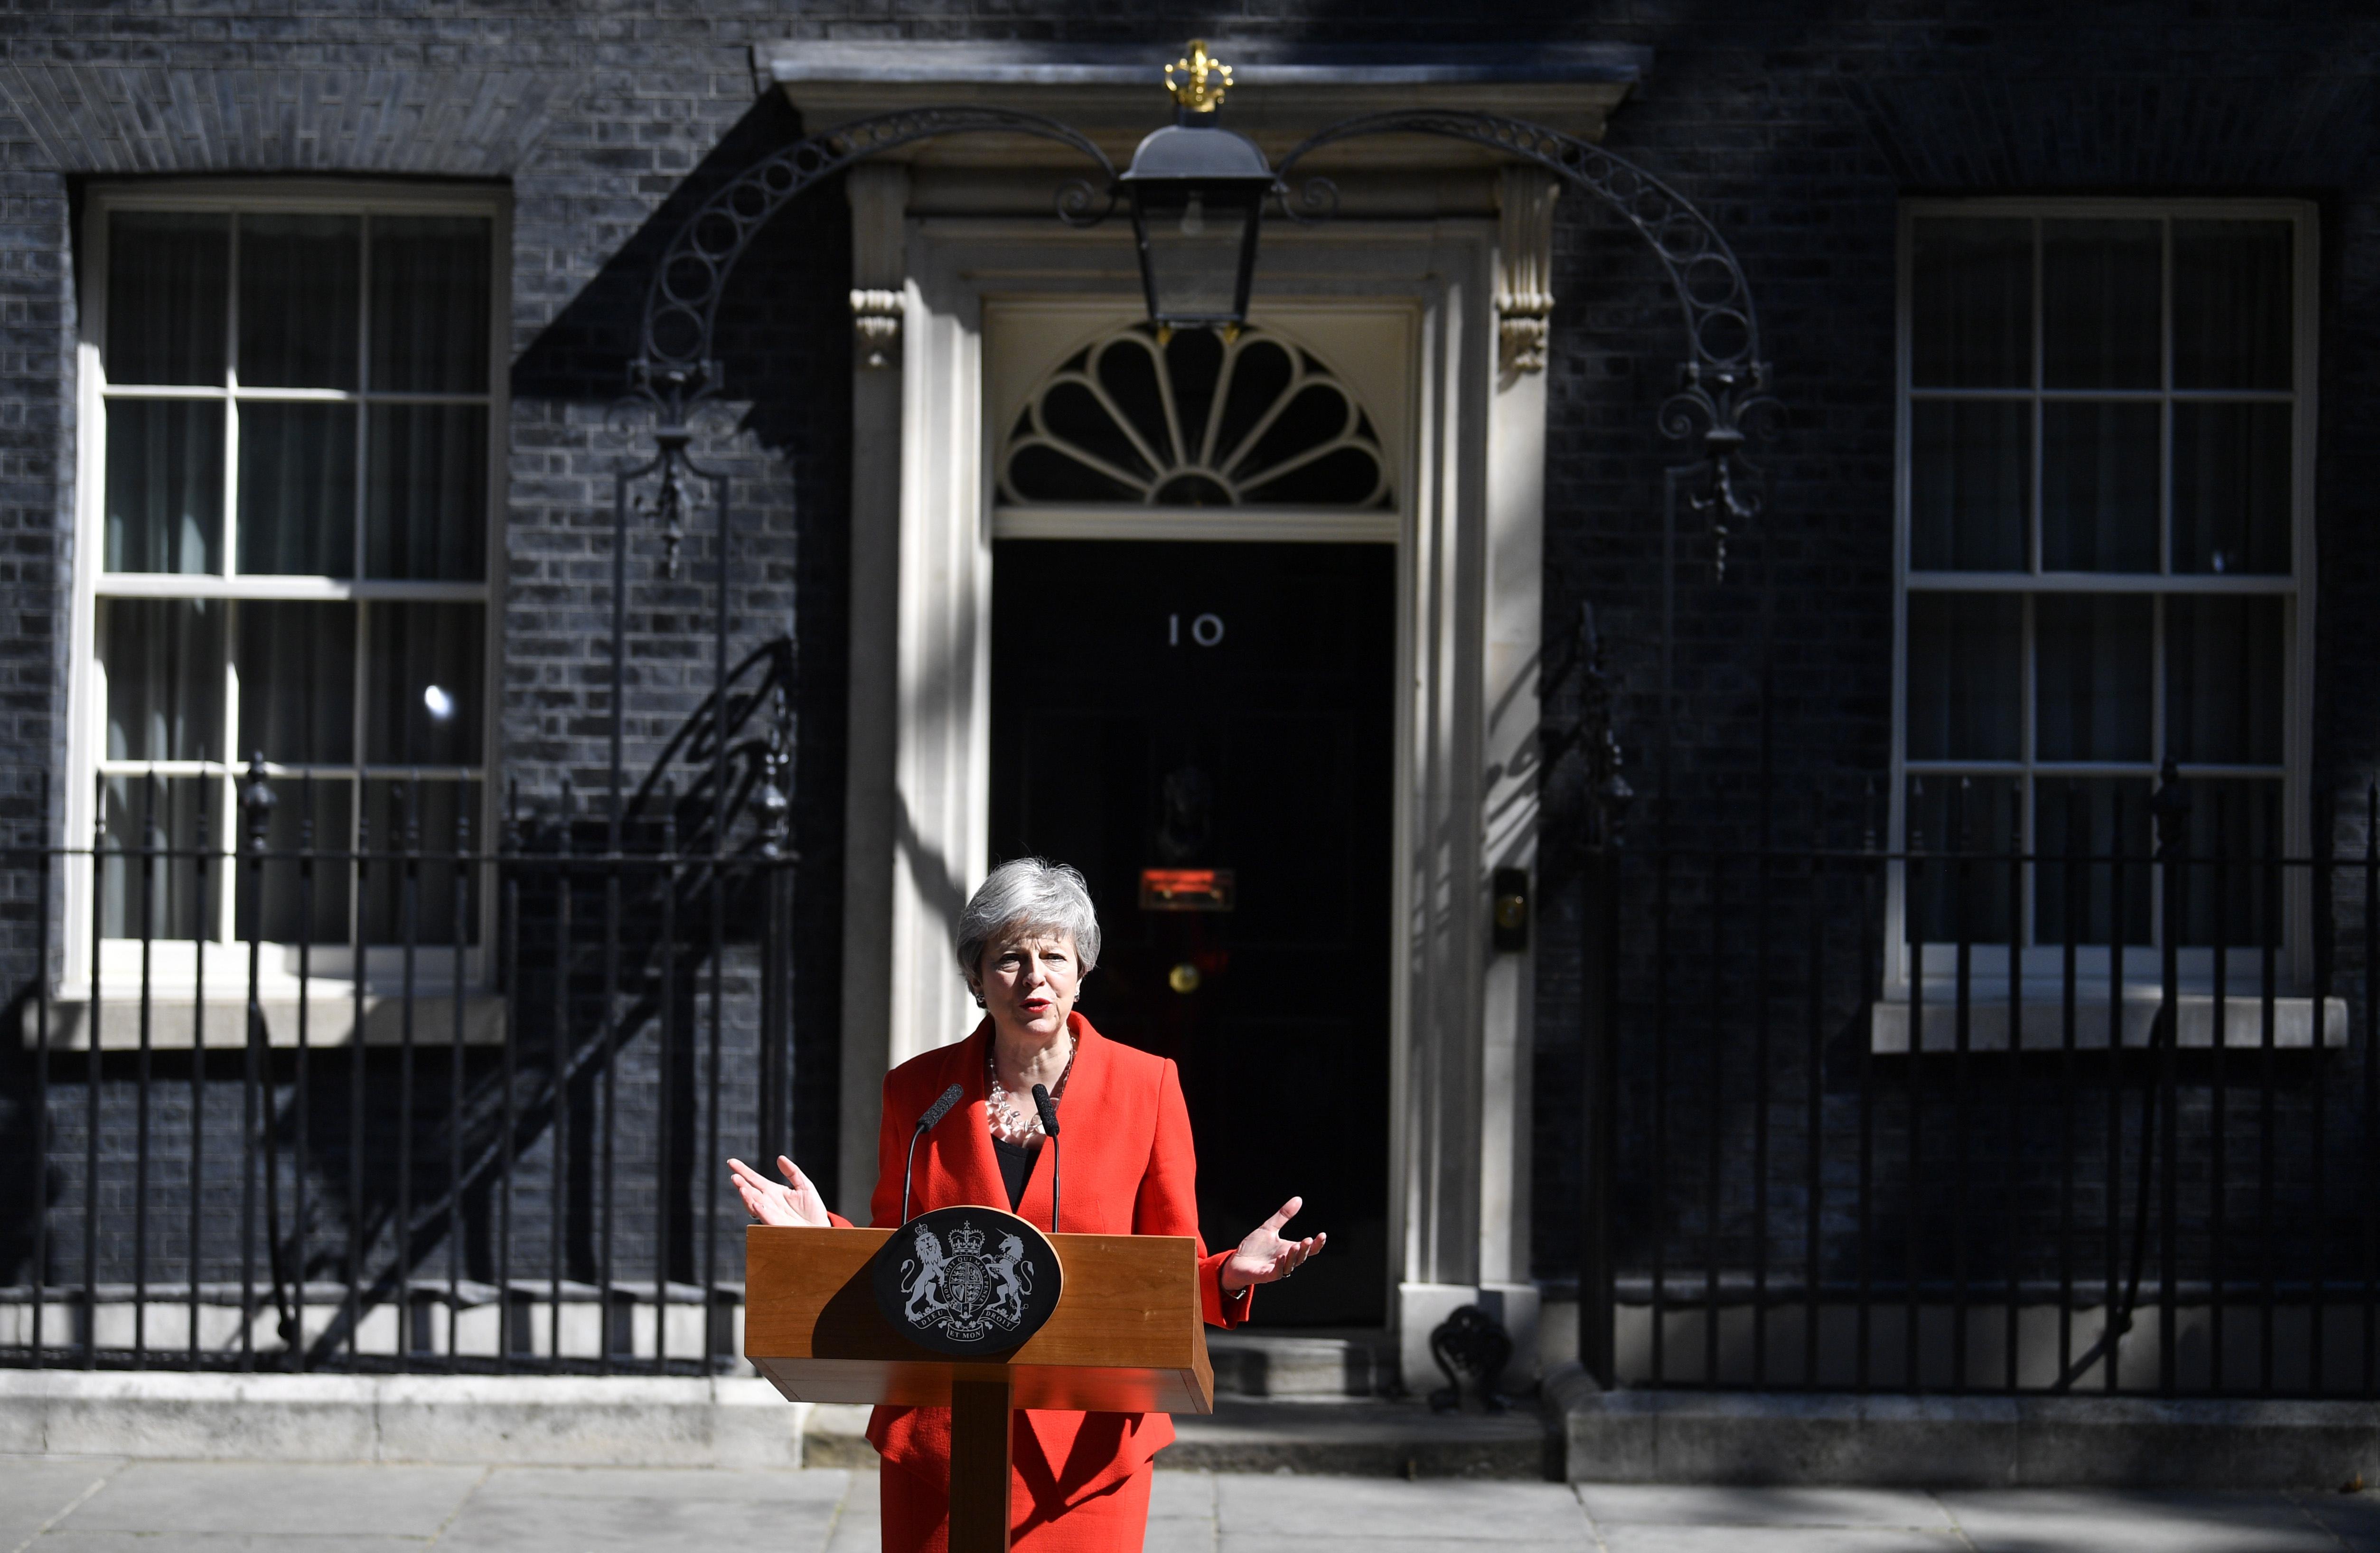 """""""Вече ми е ясно, че е в най-добър интерес на страната, нов министър да продължи с усилията за Брекзит"""", заяви Мей"""